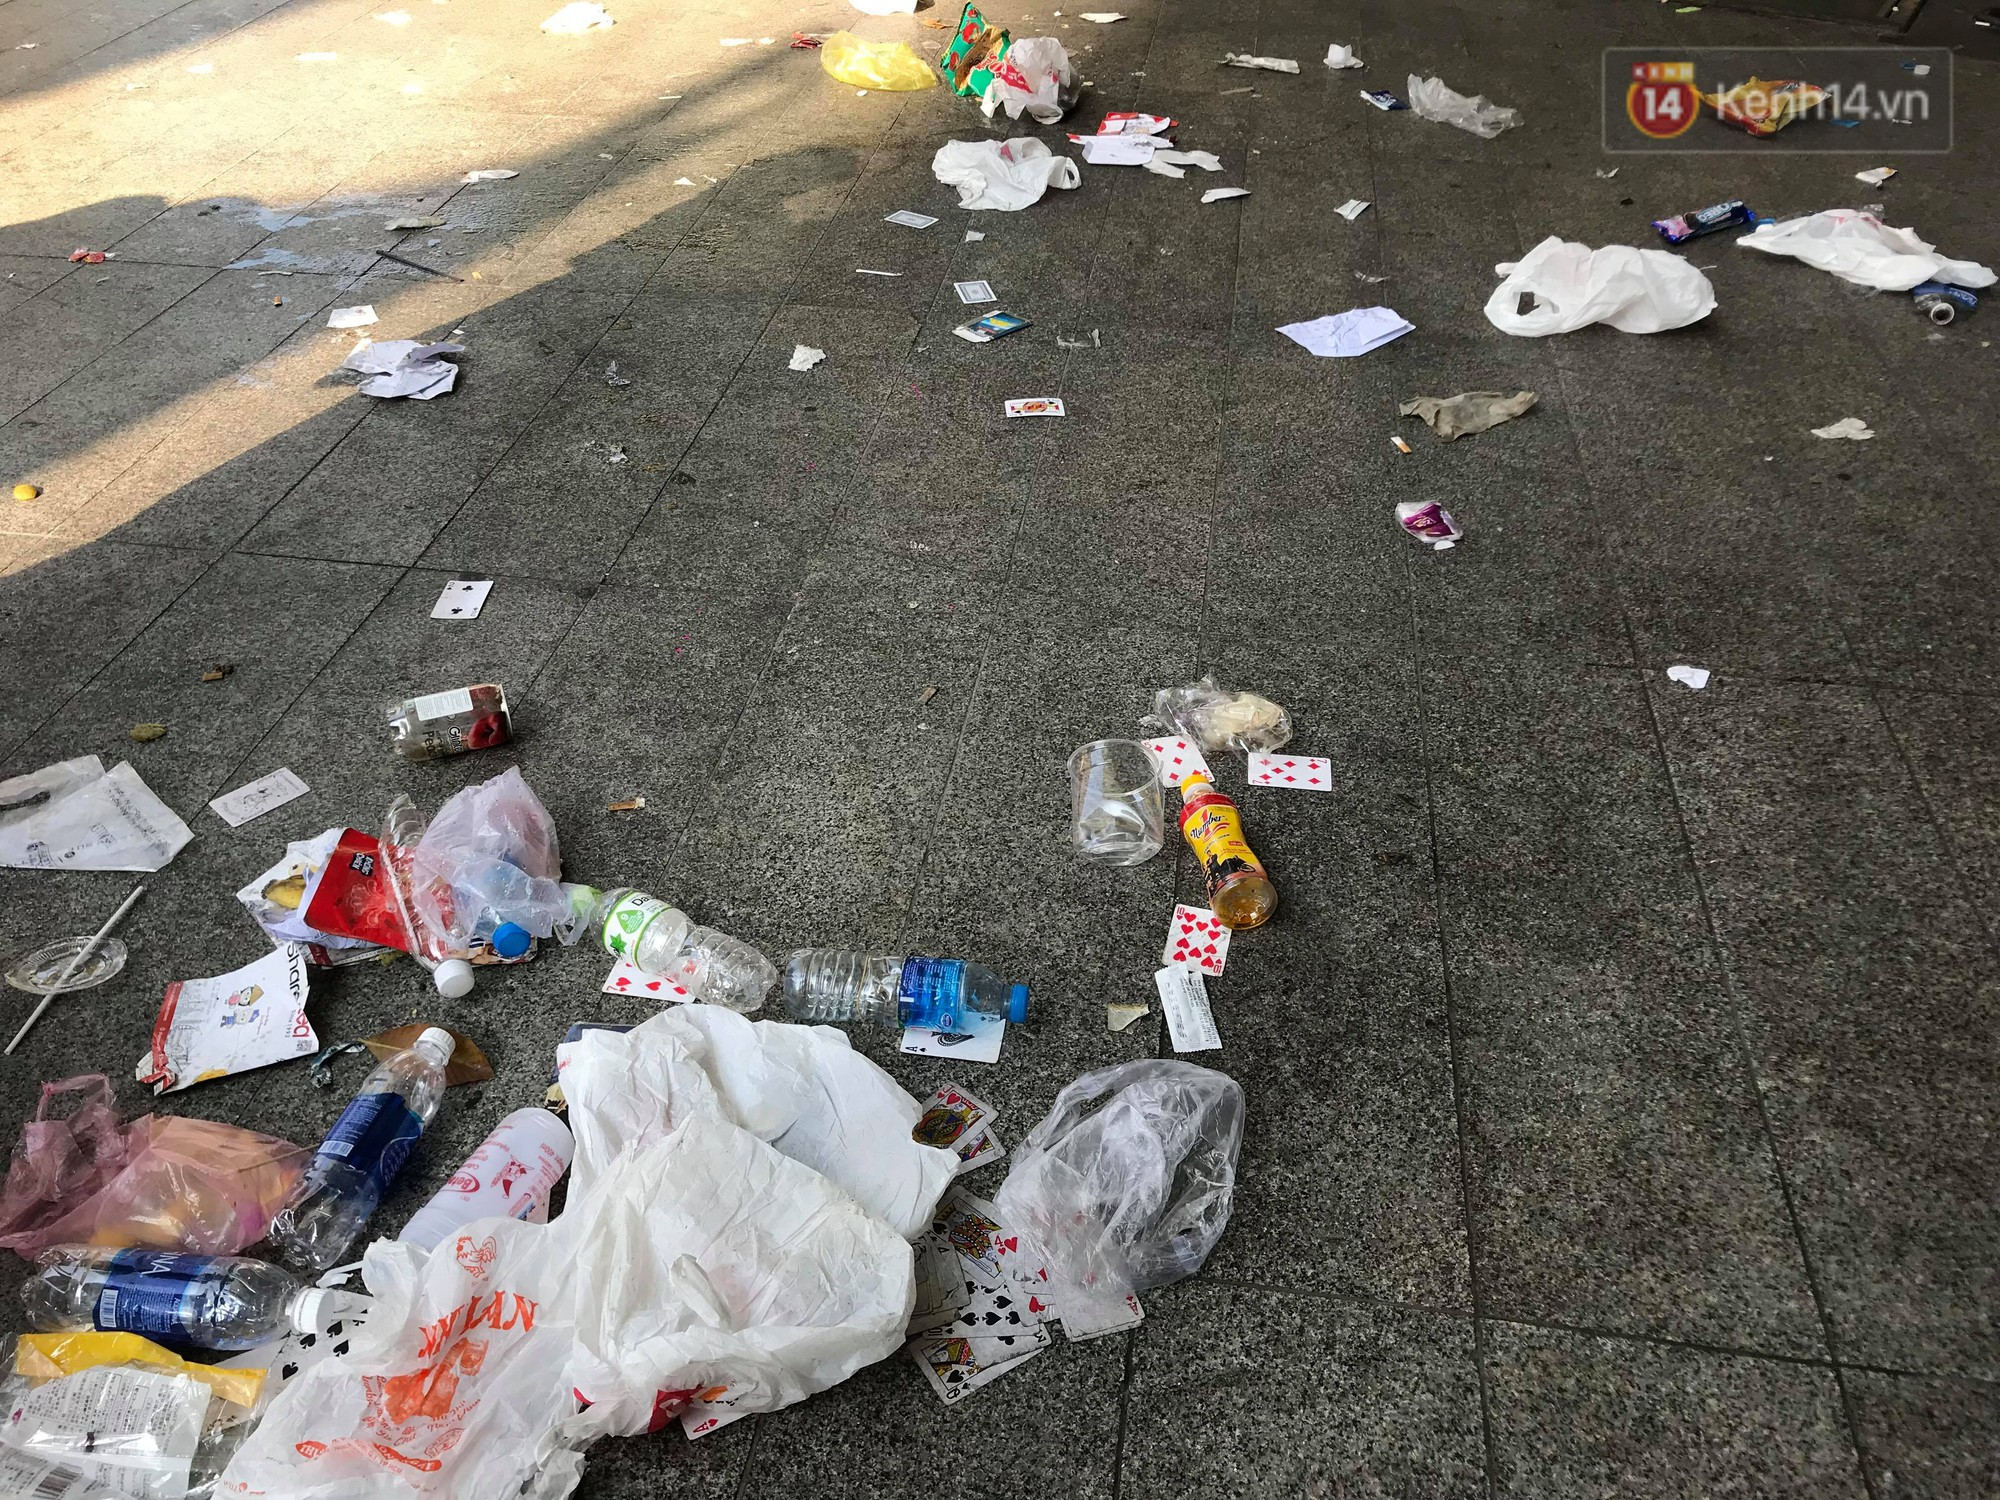 Sau khi cắm cọc qua đêm tại Bitexco để mua giày hiệu, dân tình hồn nhiên vứt đầy rác trước cửa hàng - Ảnh 5.